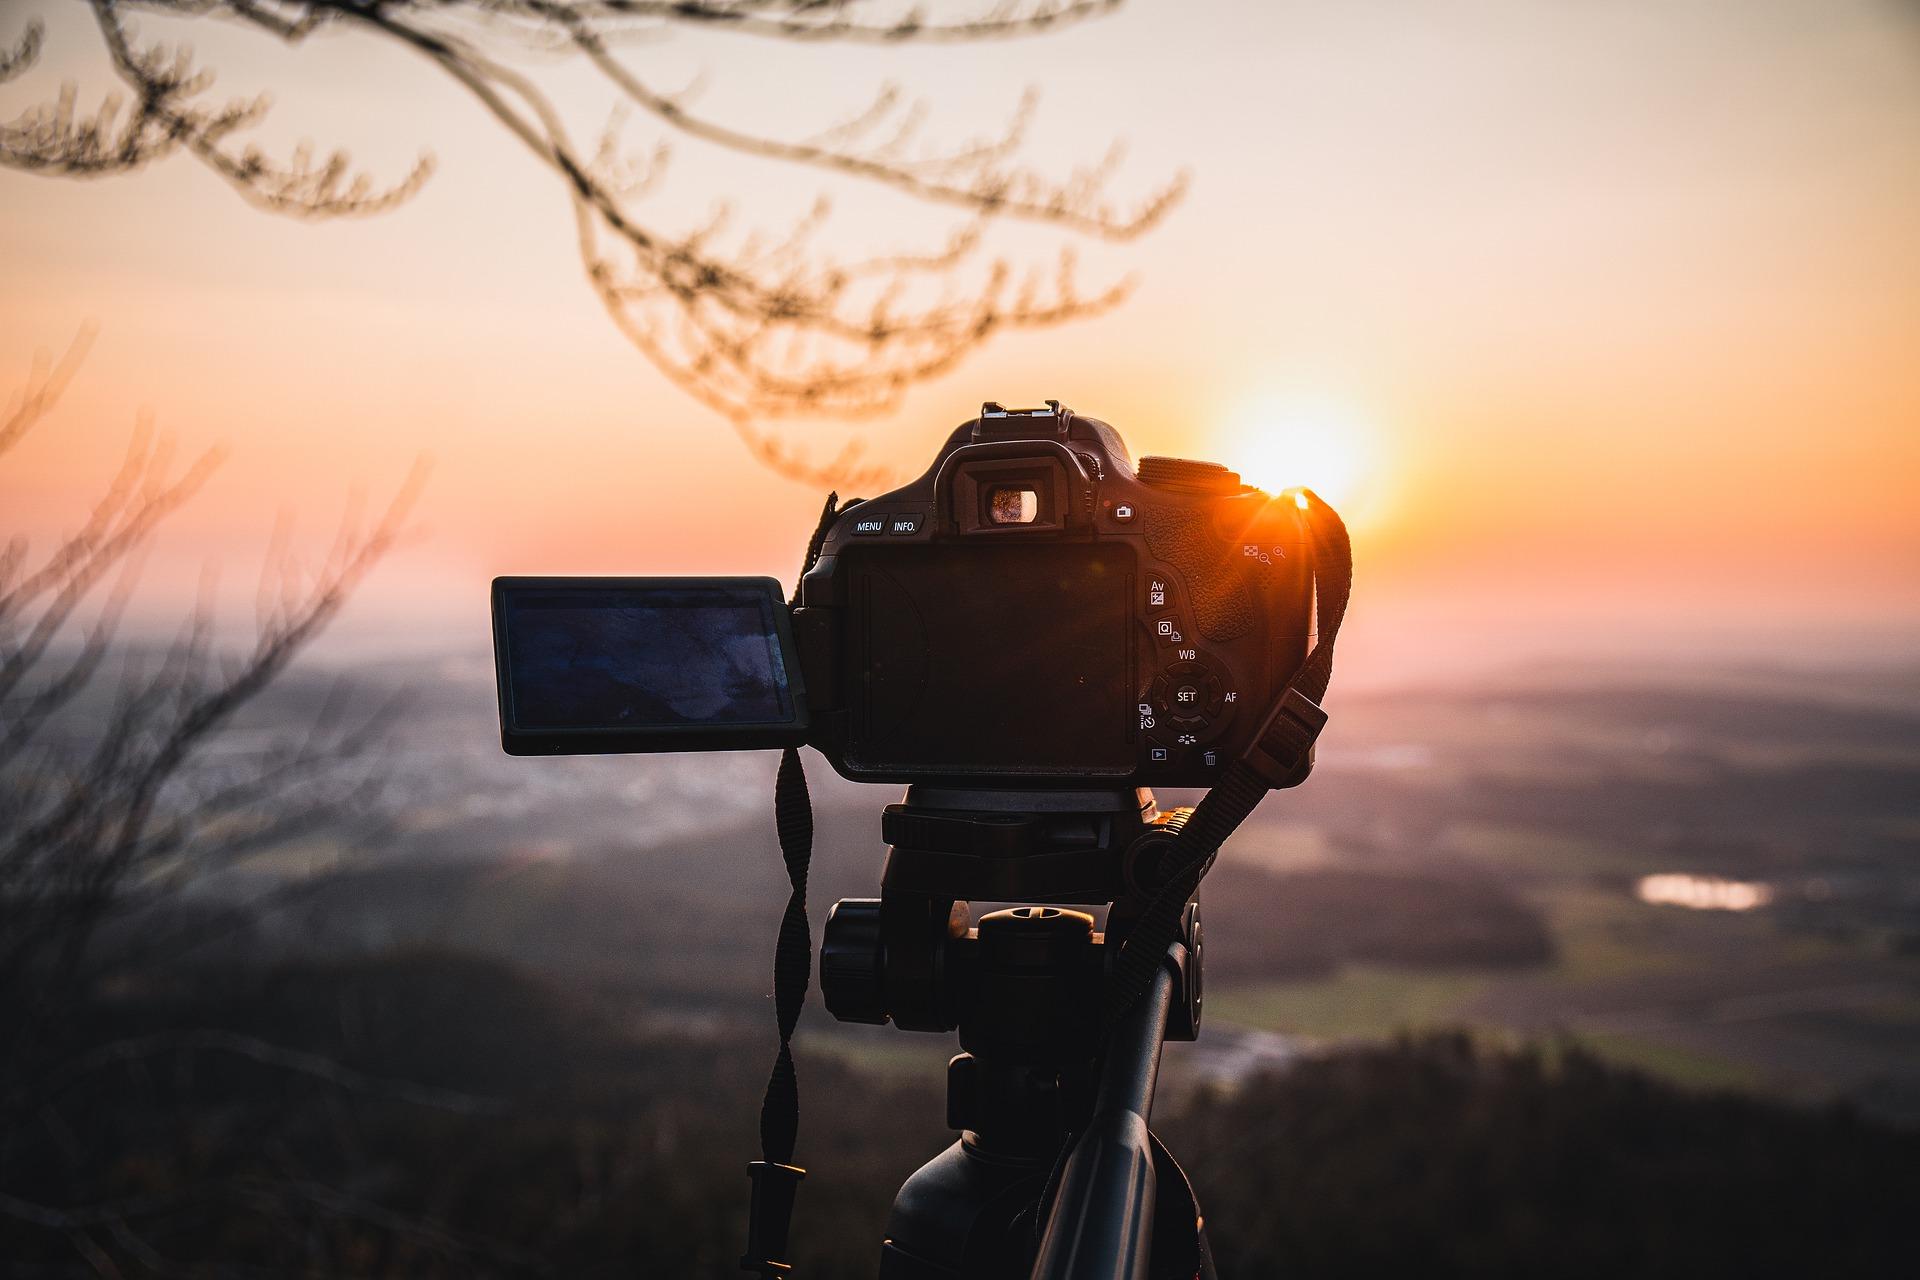 câmera apoiada em um tripé registrando o pôr-do-sol